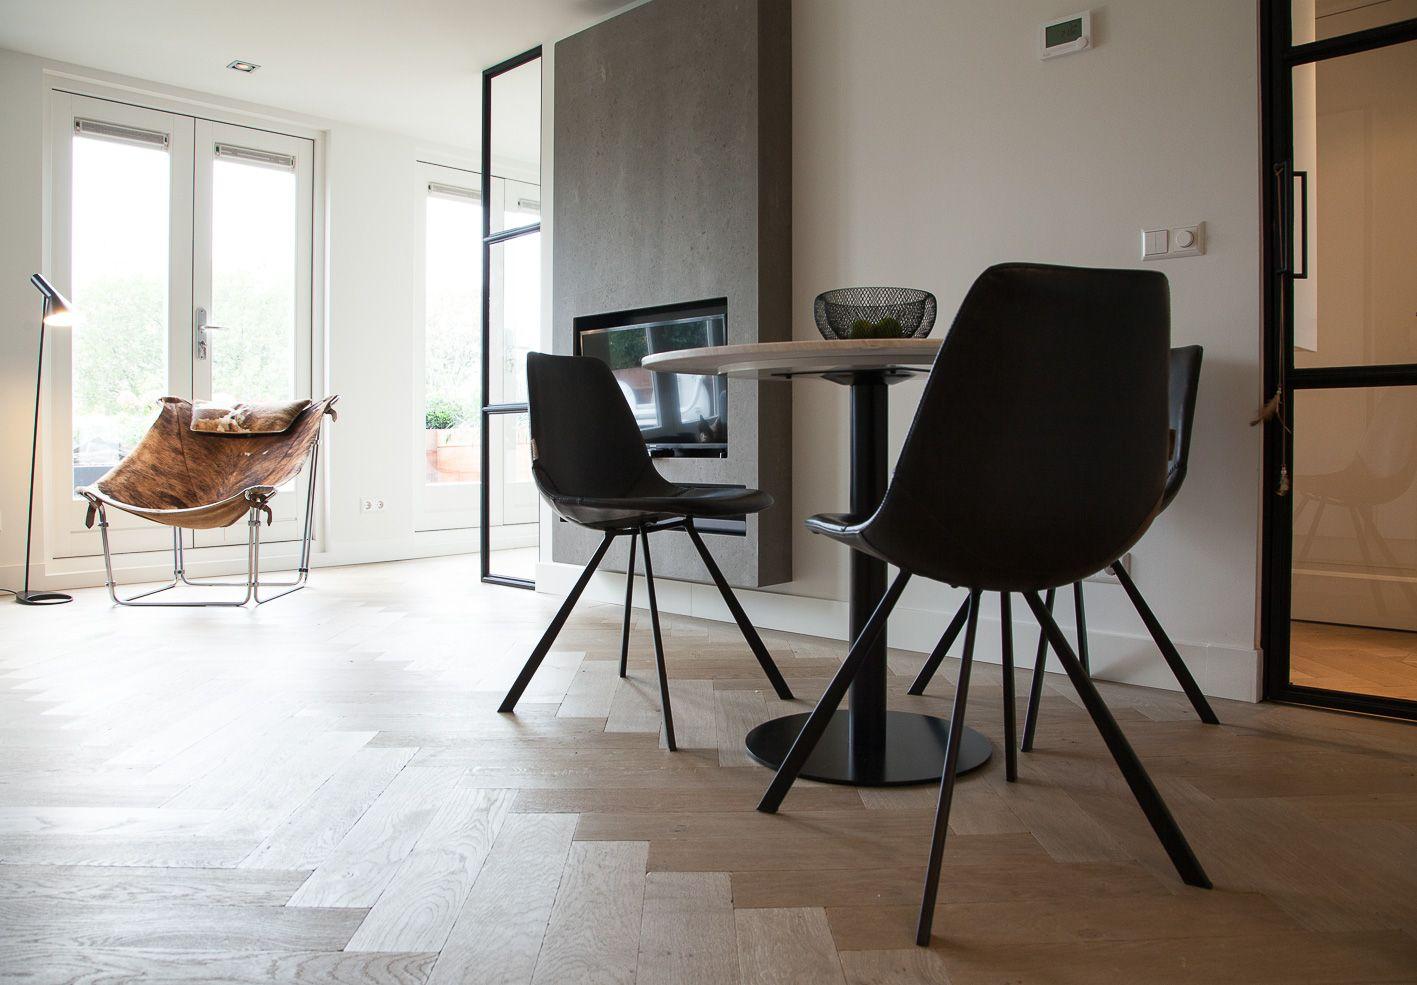 Moderne Visgraat Vloer : Modern interieur visgraat vloer oker studio interieurs